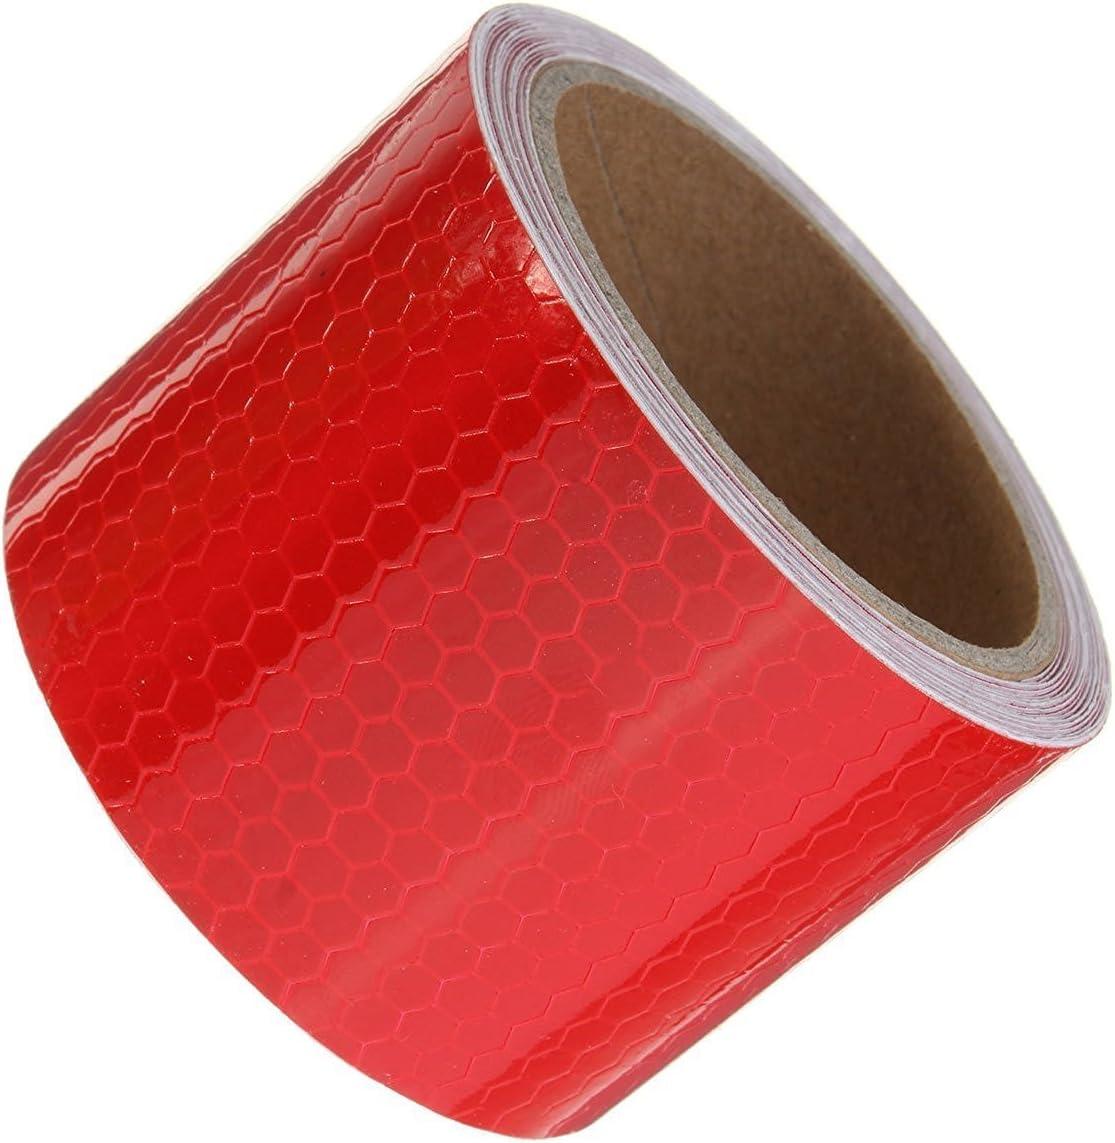 banda catarifrangente di sicurezza Tuqiang/® Nastro adesivo di avvertimento 5/cm x 3/m